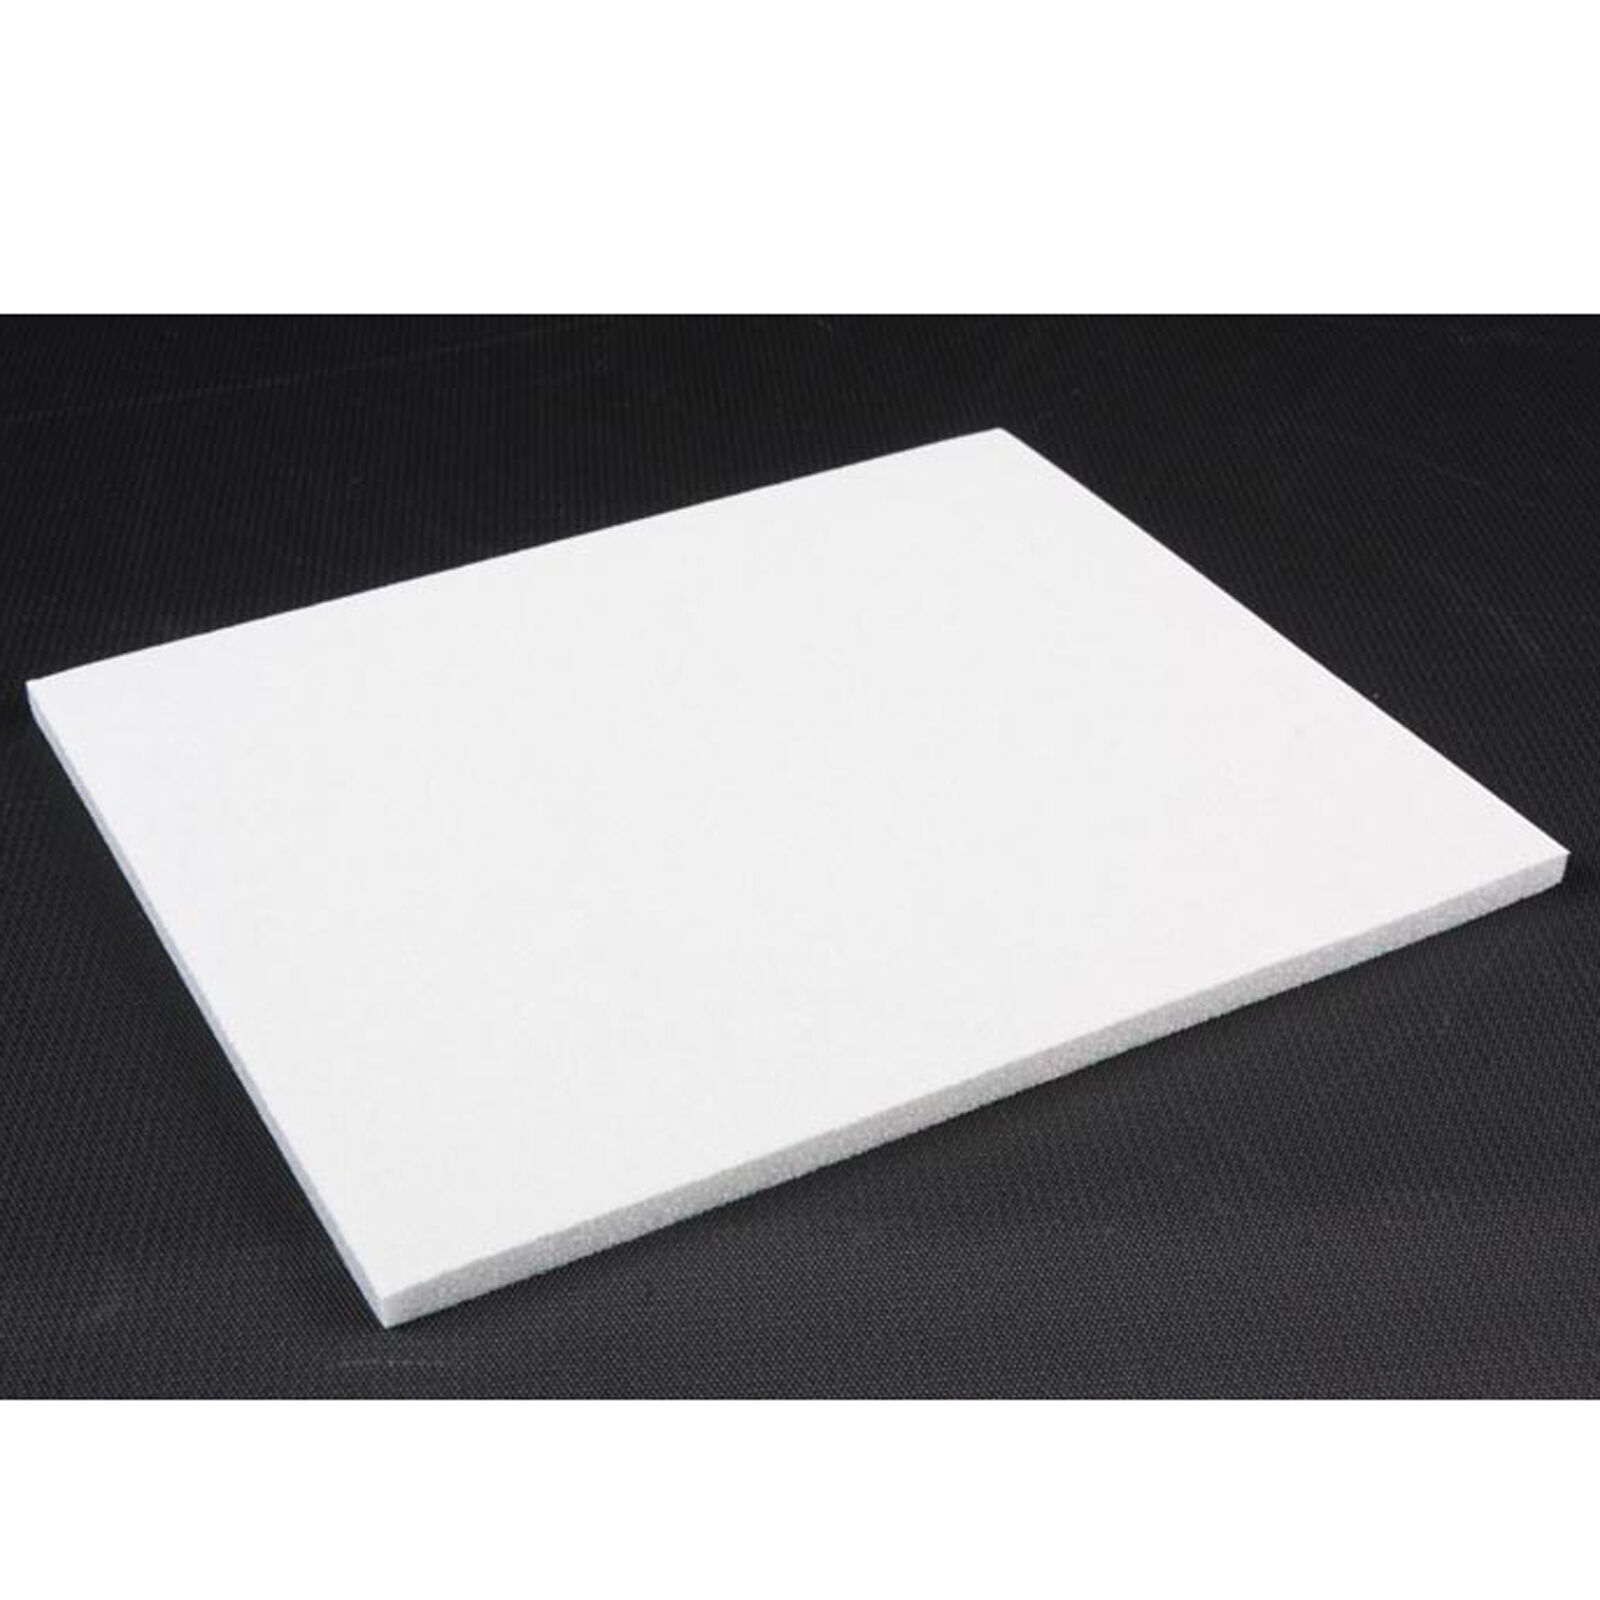 Sanding Sponge Sheet, 1000